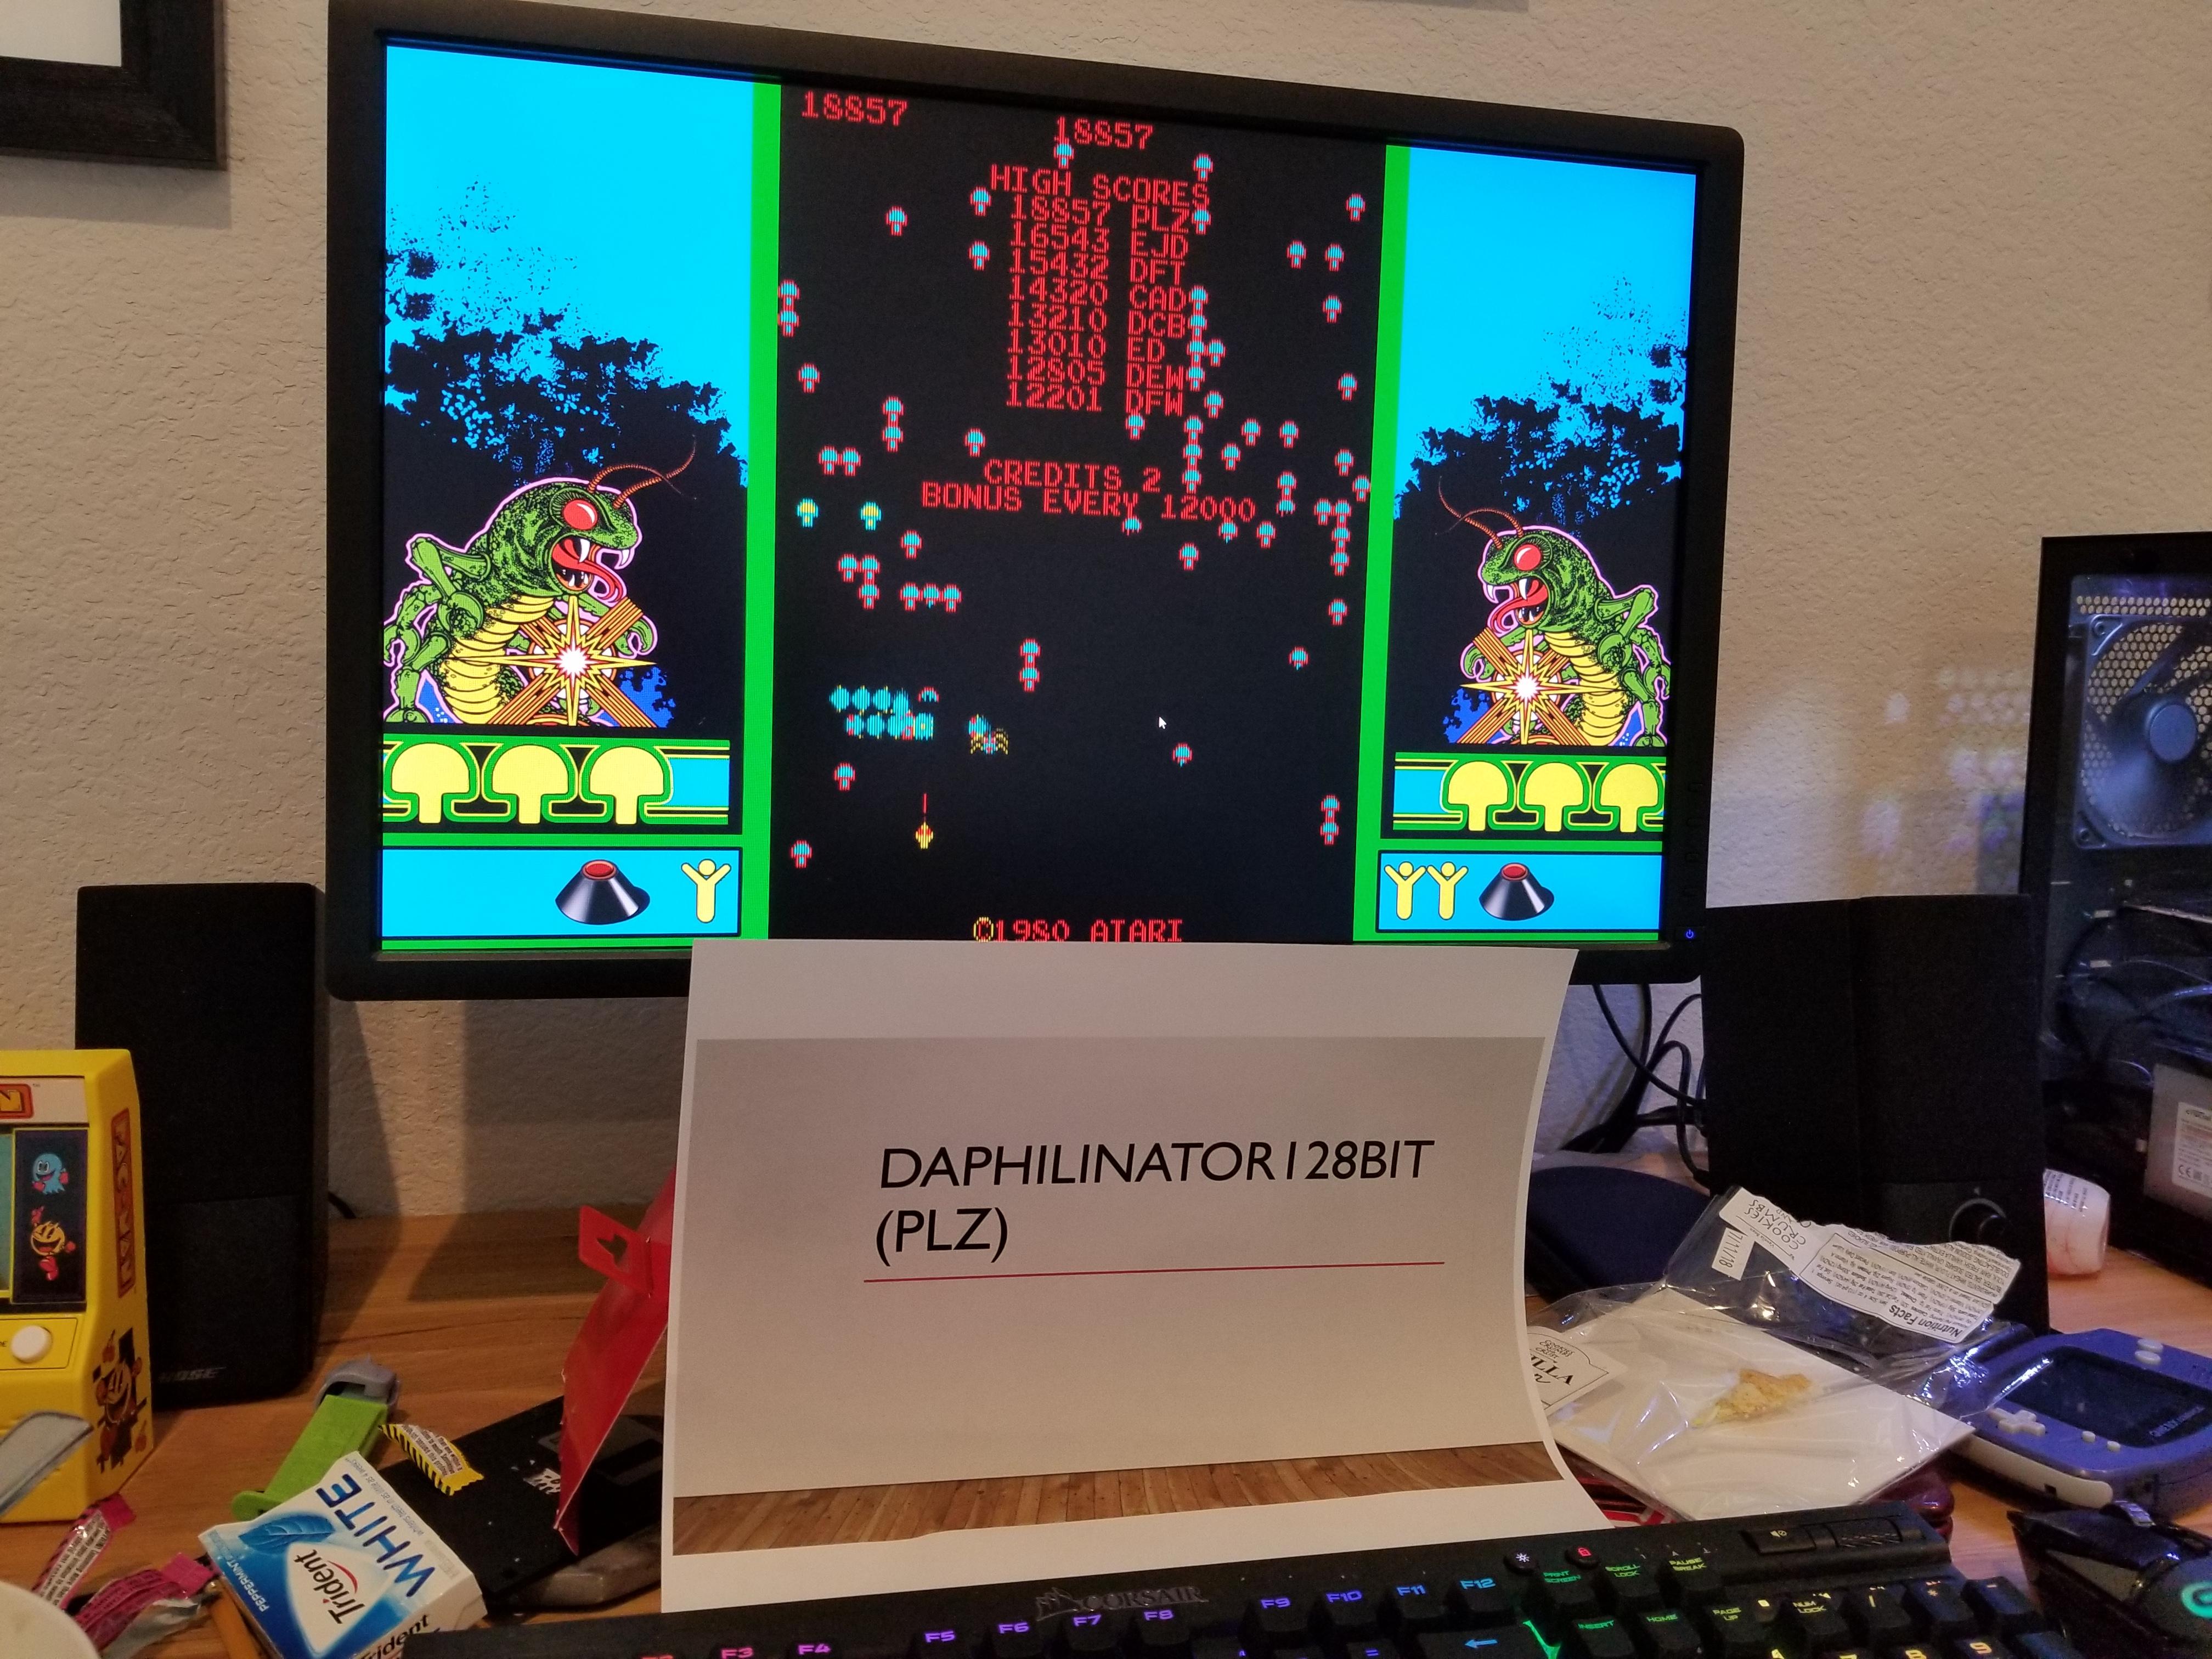 Daphilinator128bit: Atari Vault: Centipede [Arcade] (PC) 18,857 points on 2018-06-18 11:45:09